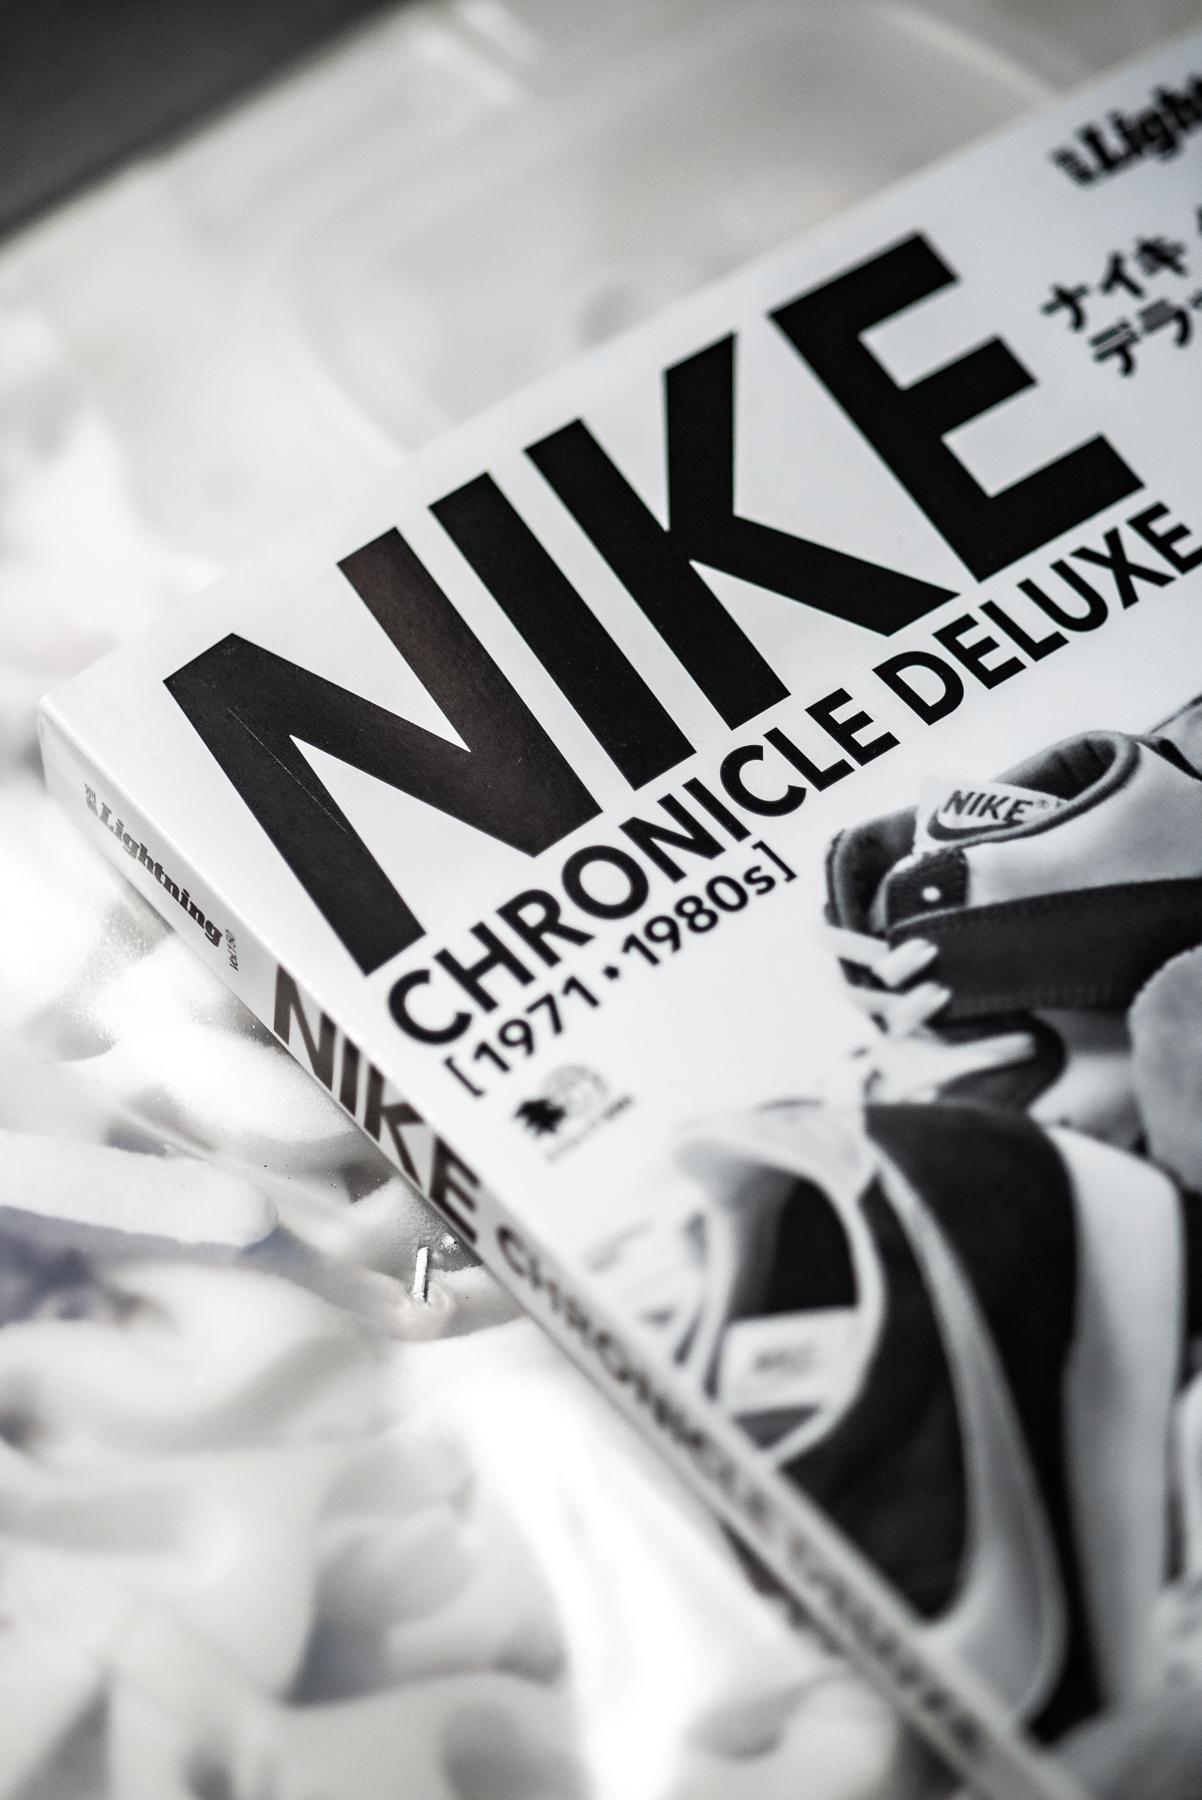 JFENSKE_10113_Satis_Nike_Relab__JTF2725_low_01.jpg